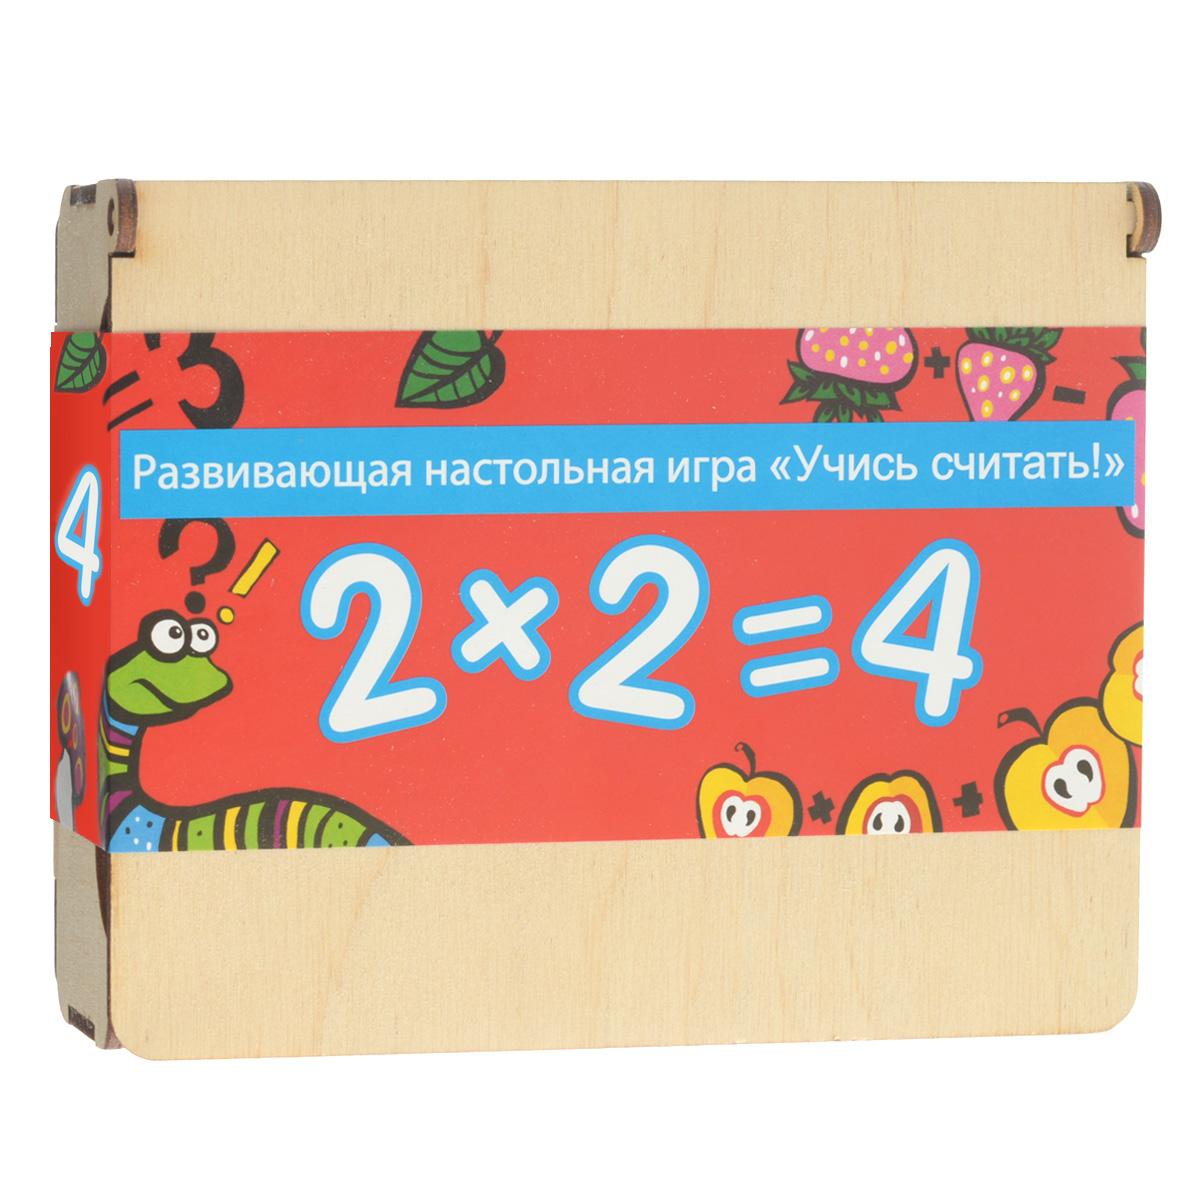 Настольная игра Учись считать!ДК 4001Настольная игра Учись считать! предназначена для обучения арифметическим действиям с числами. Игра поможет ребенку увлекательно изучить цифры и знаки, способствует развитию моторики рук и воображения.